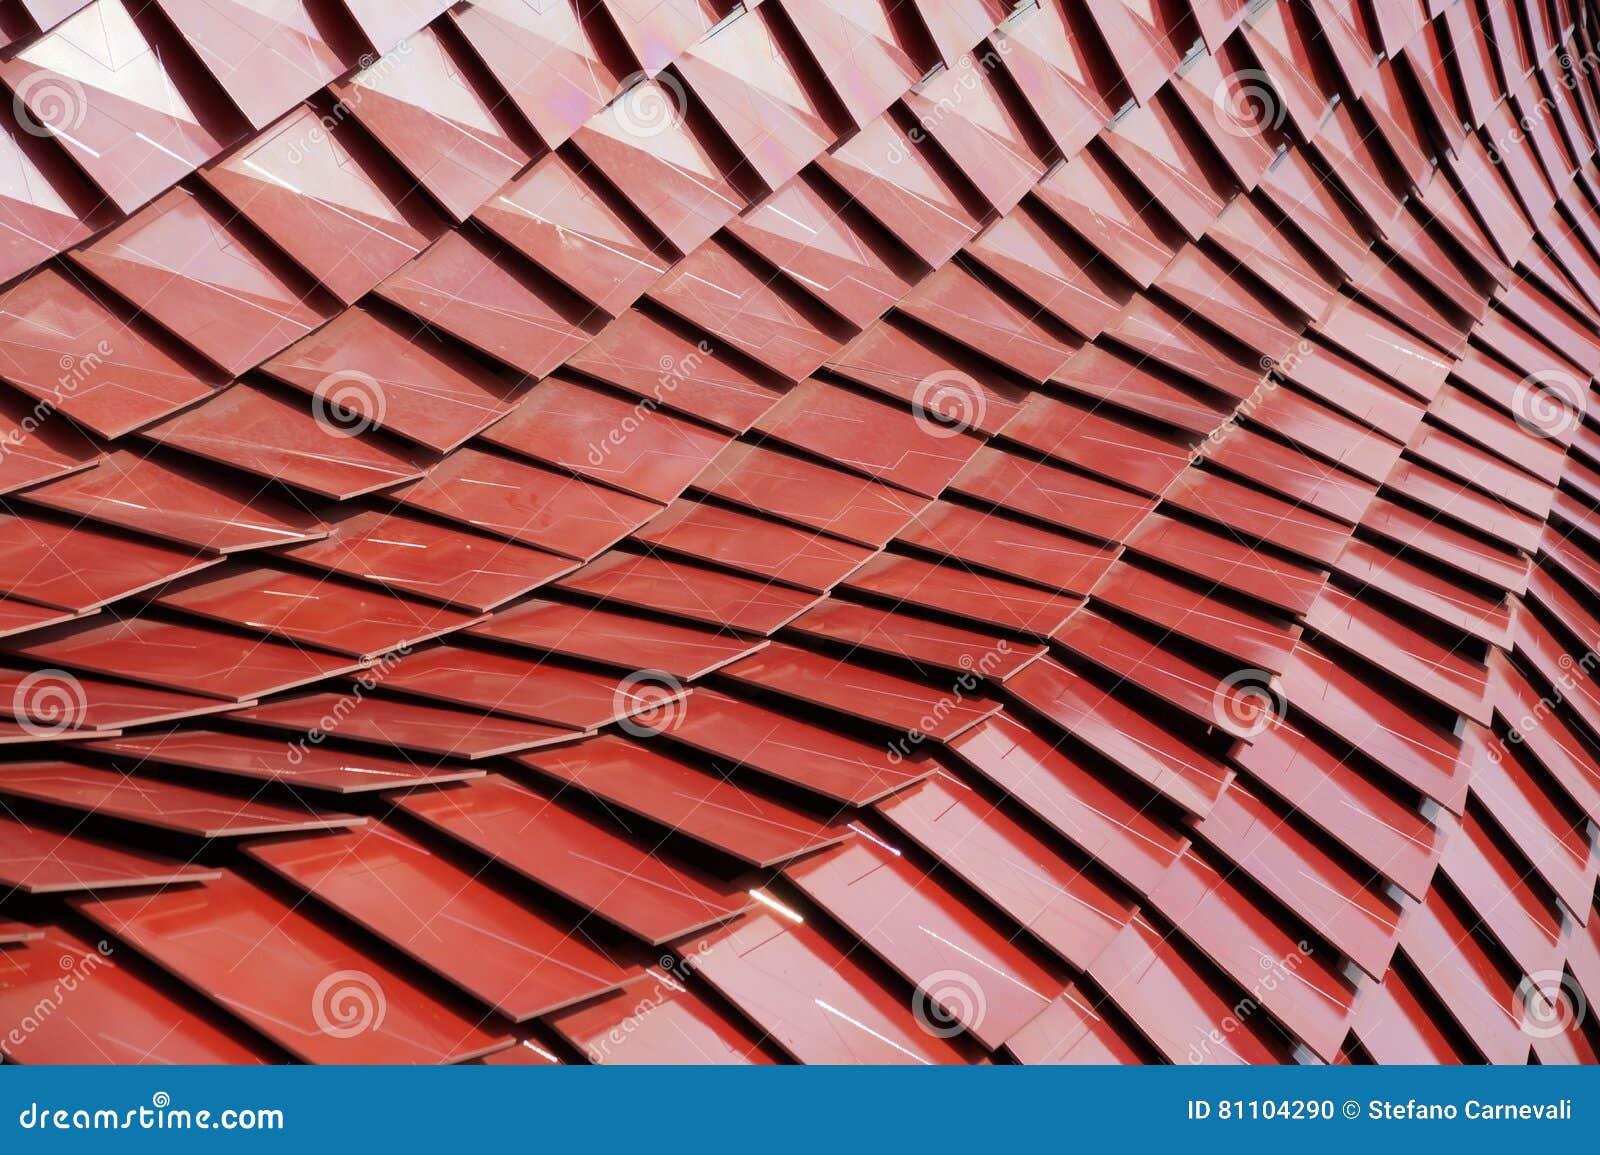 Dettaglio del tetto di piastrelle di ceramica moderno rosso